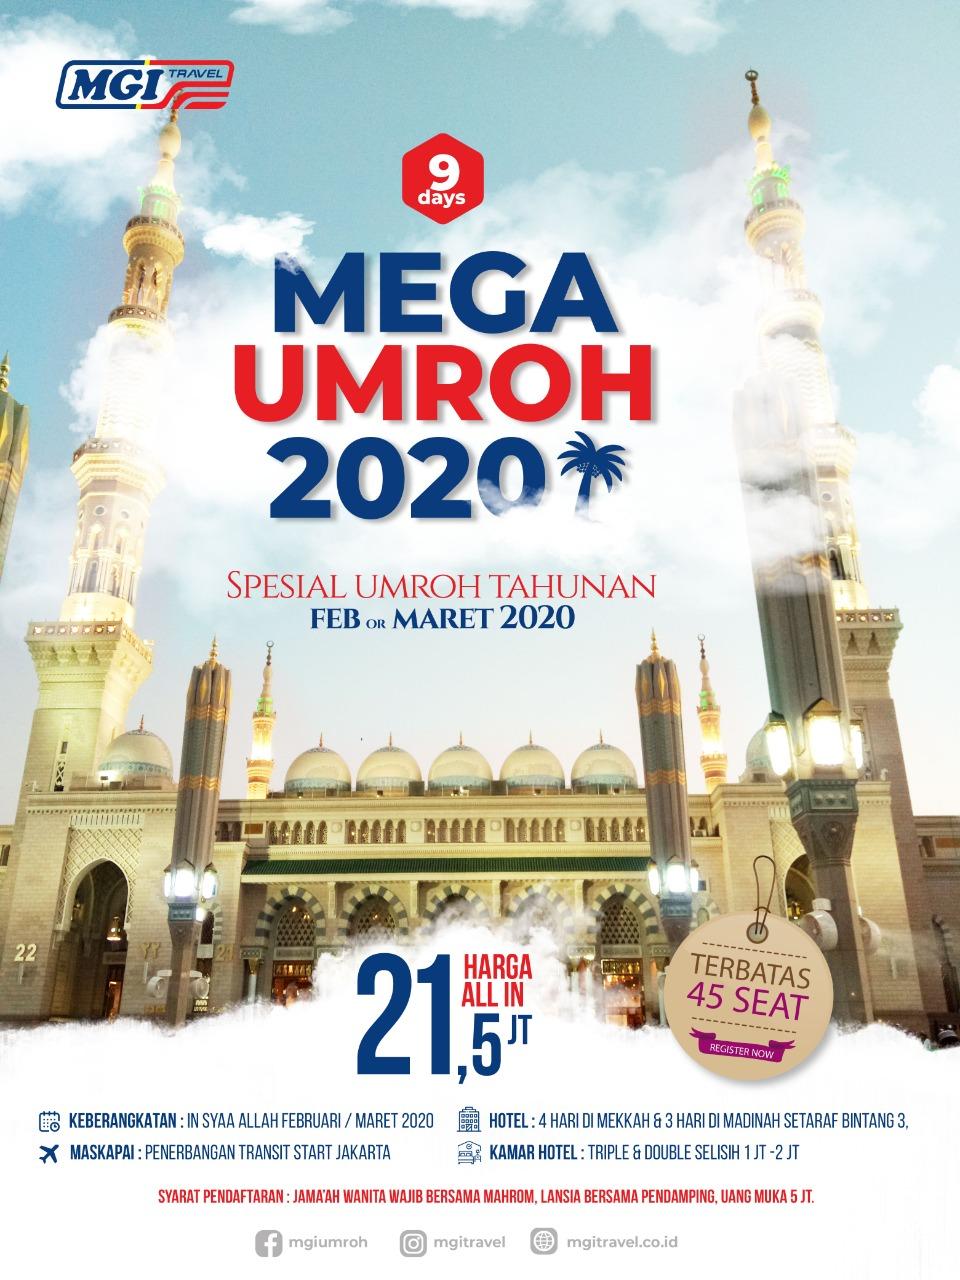 Mega Umroh Special